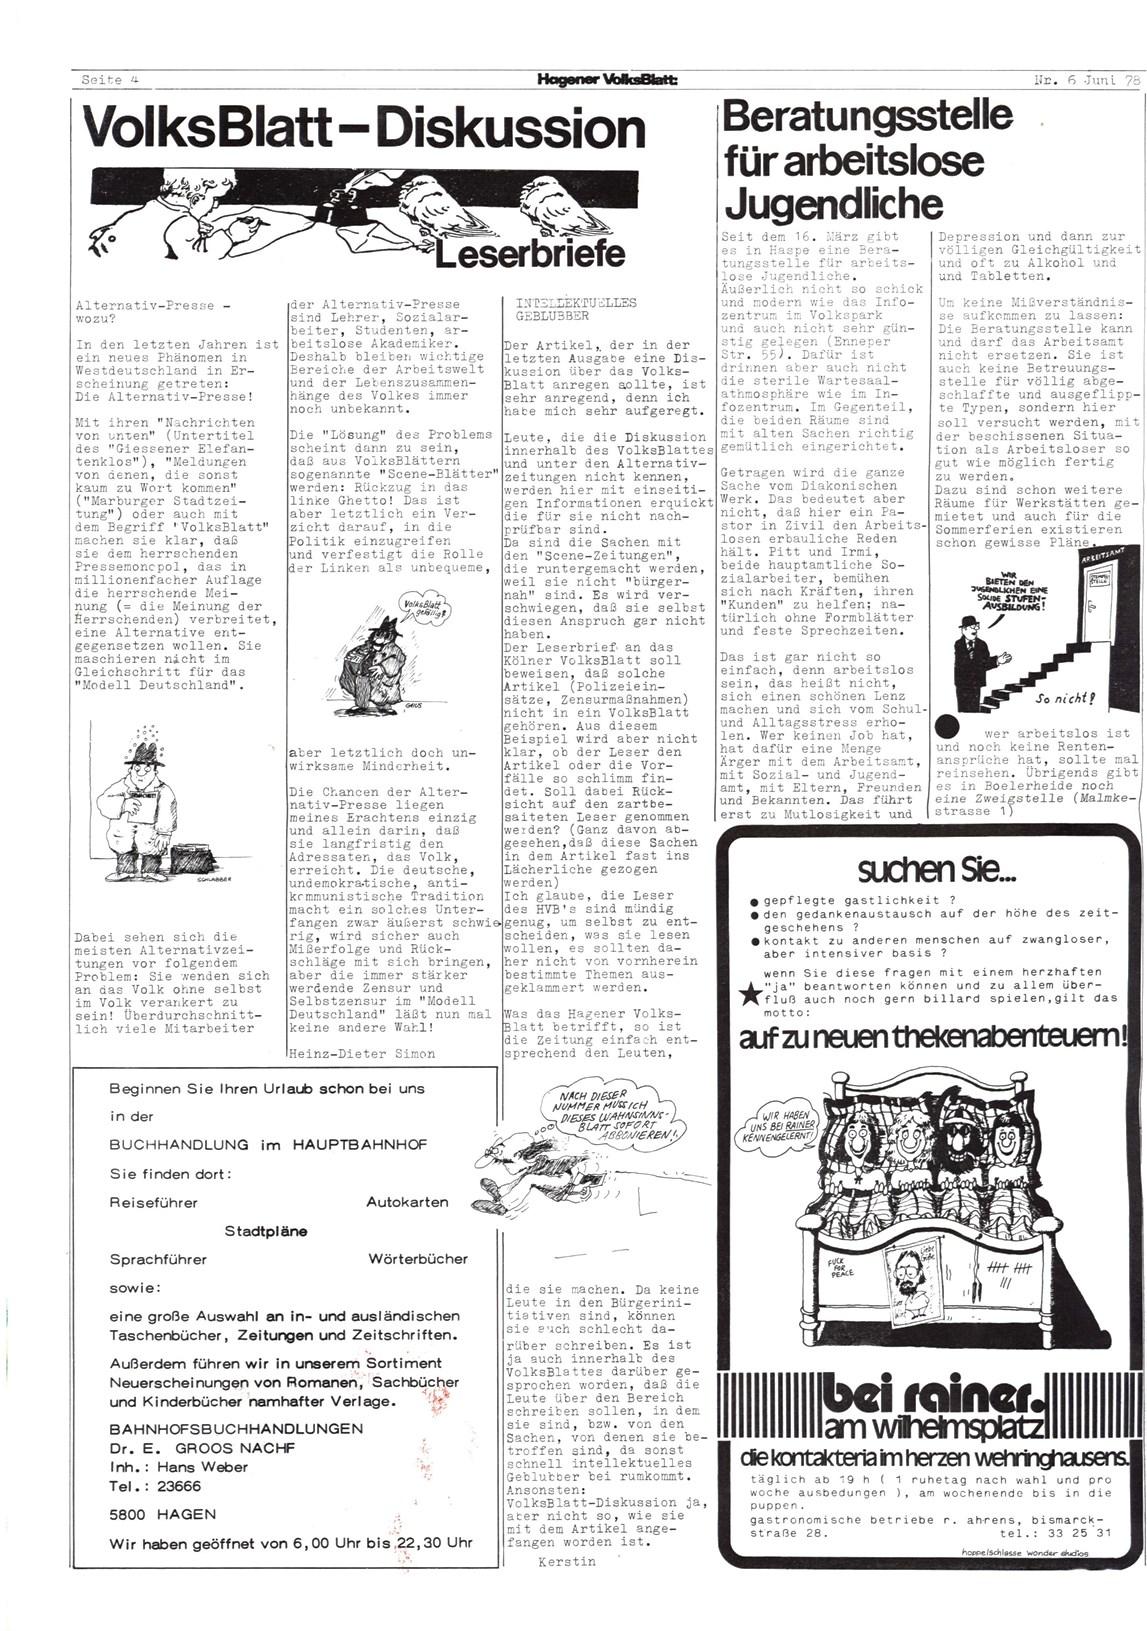 Hagen_Volksblatt_19780600_04